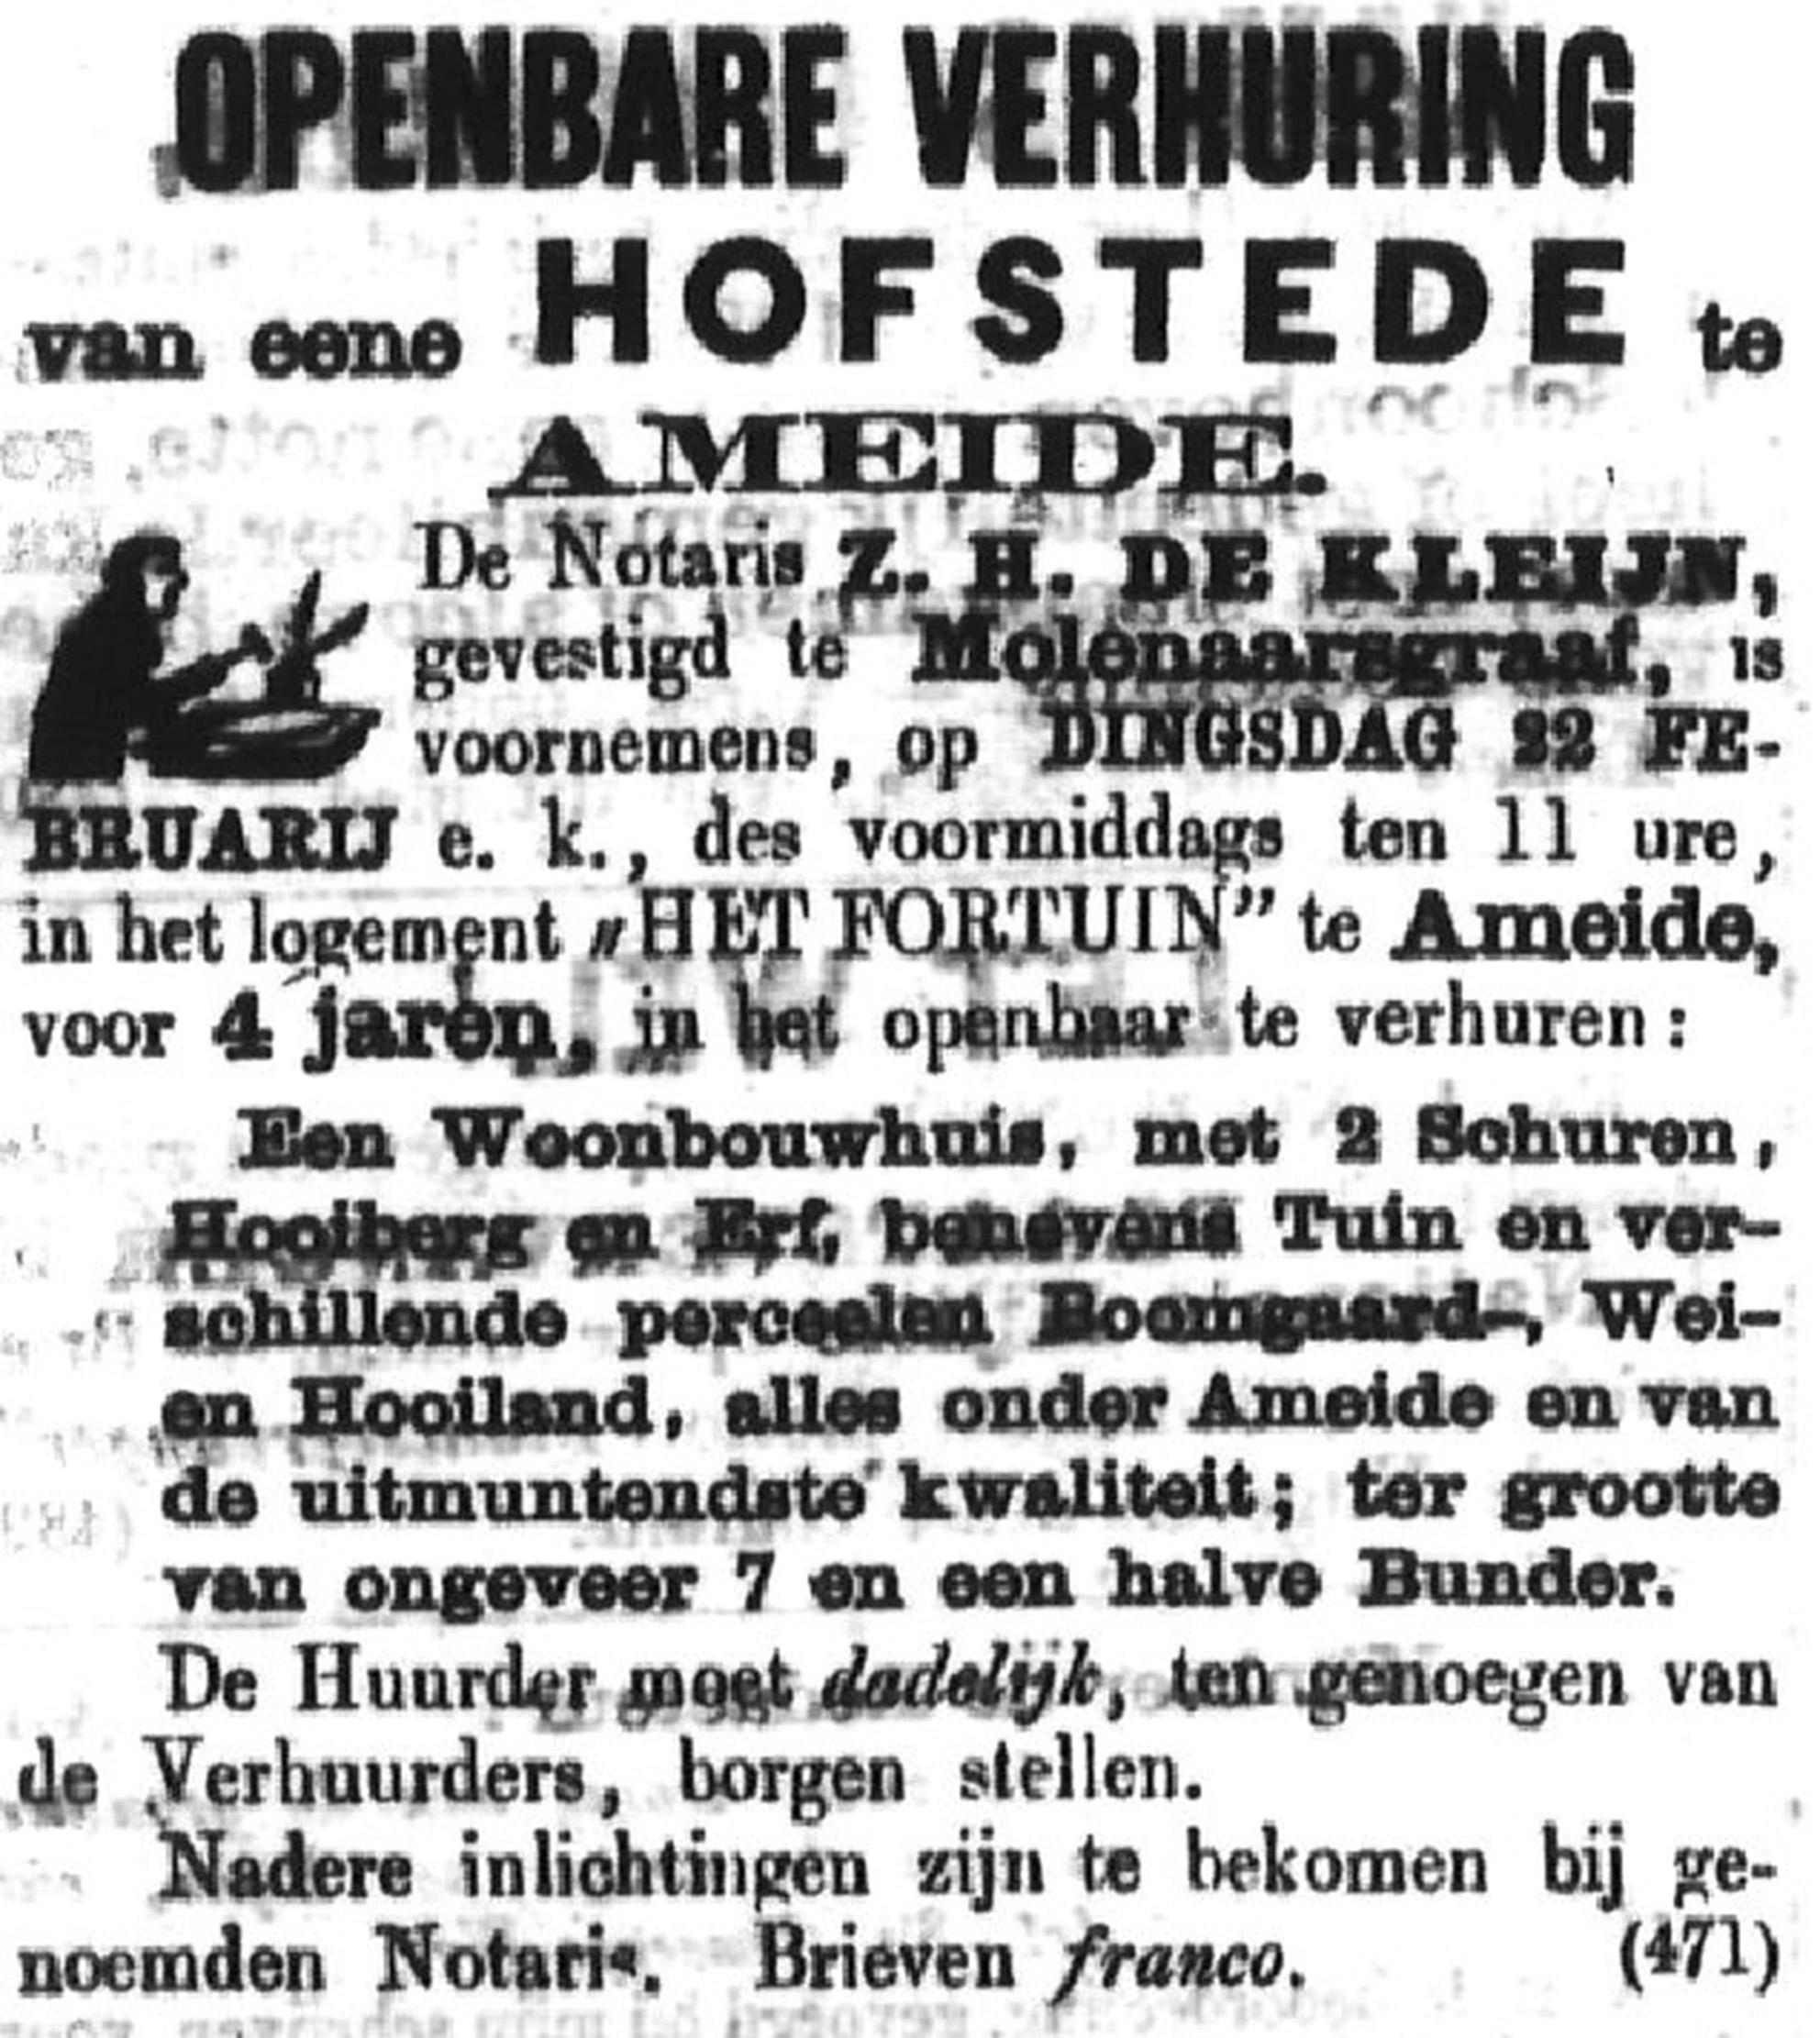 Schoonhovensche Courant 00034 1870-02-20 artikel 1